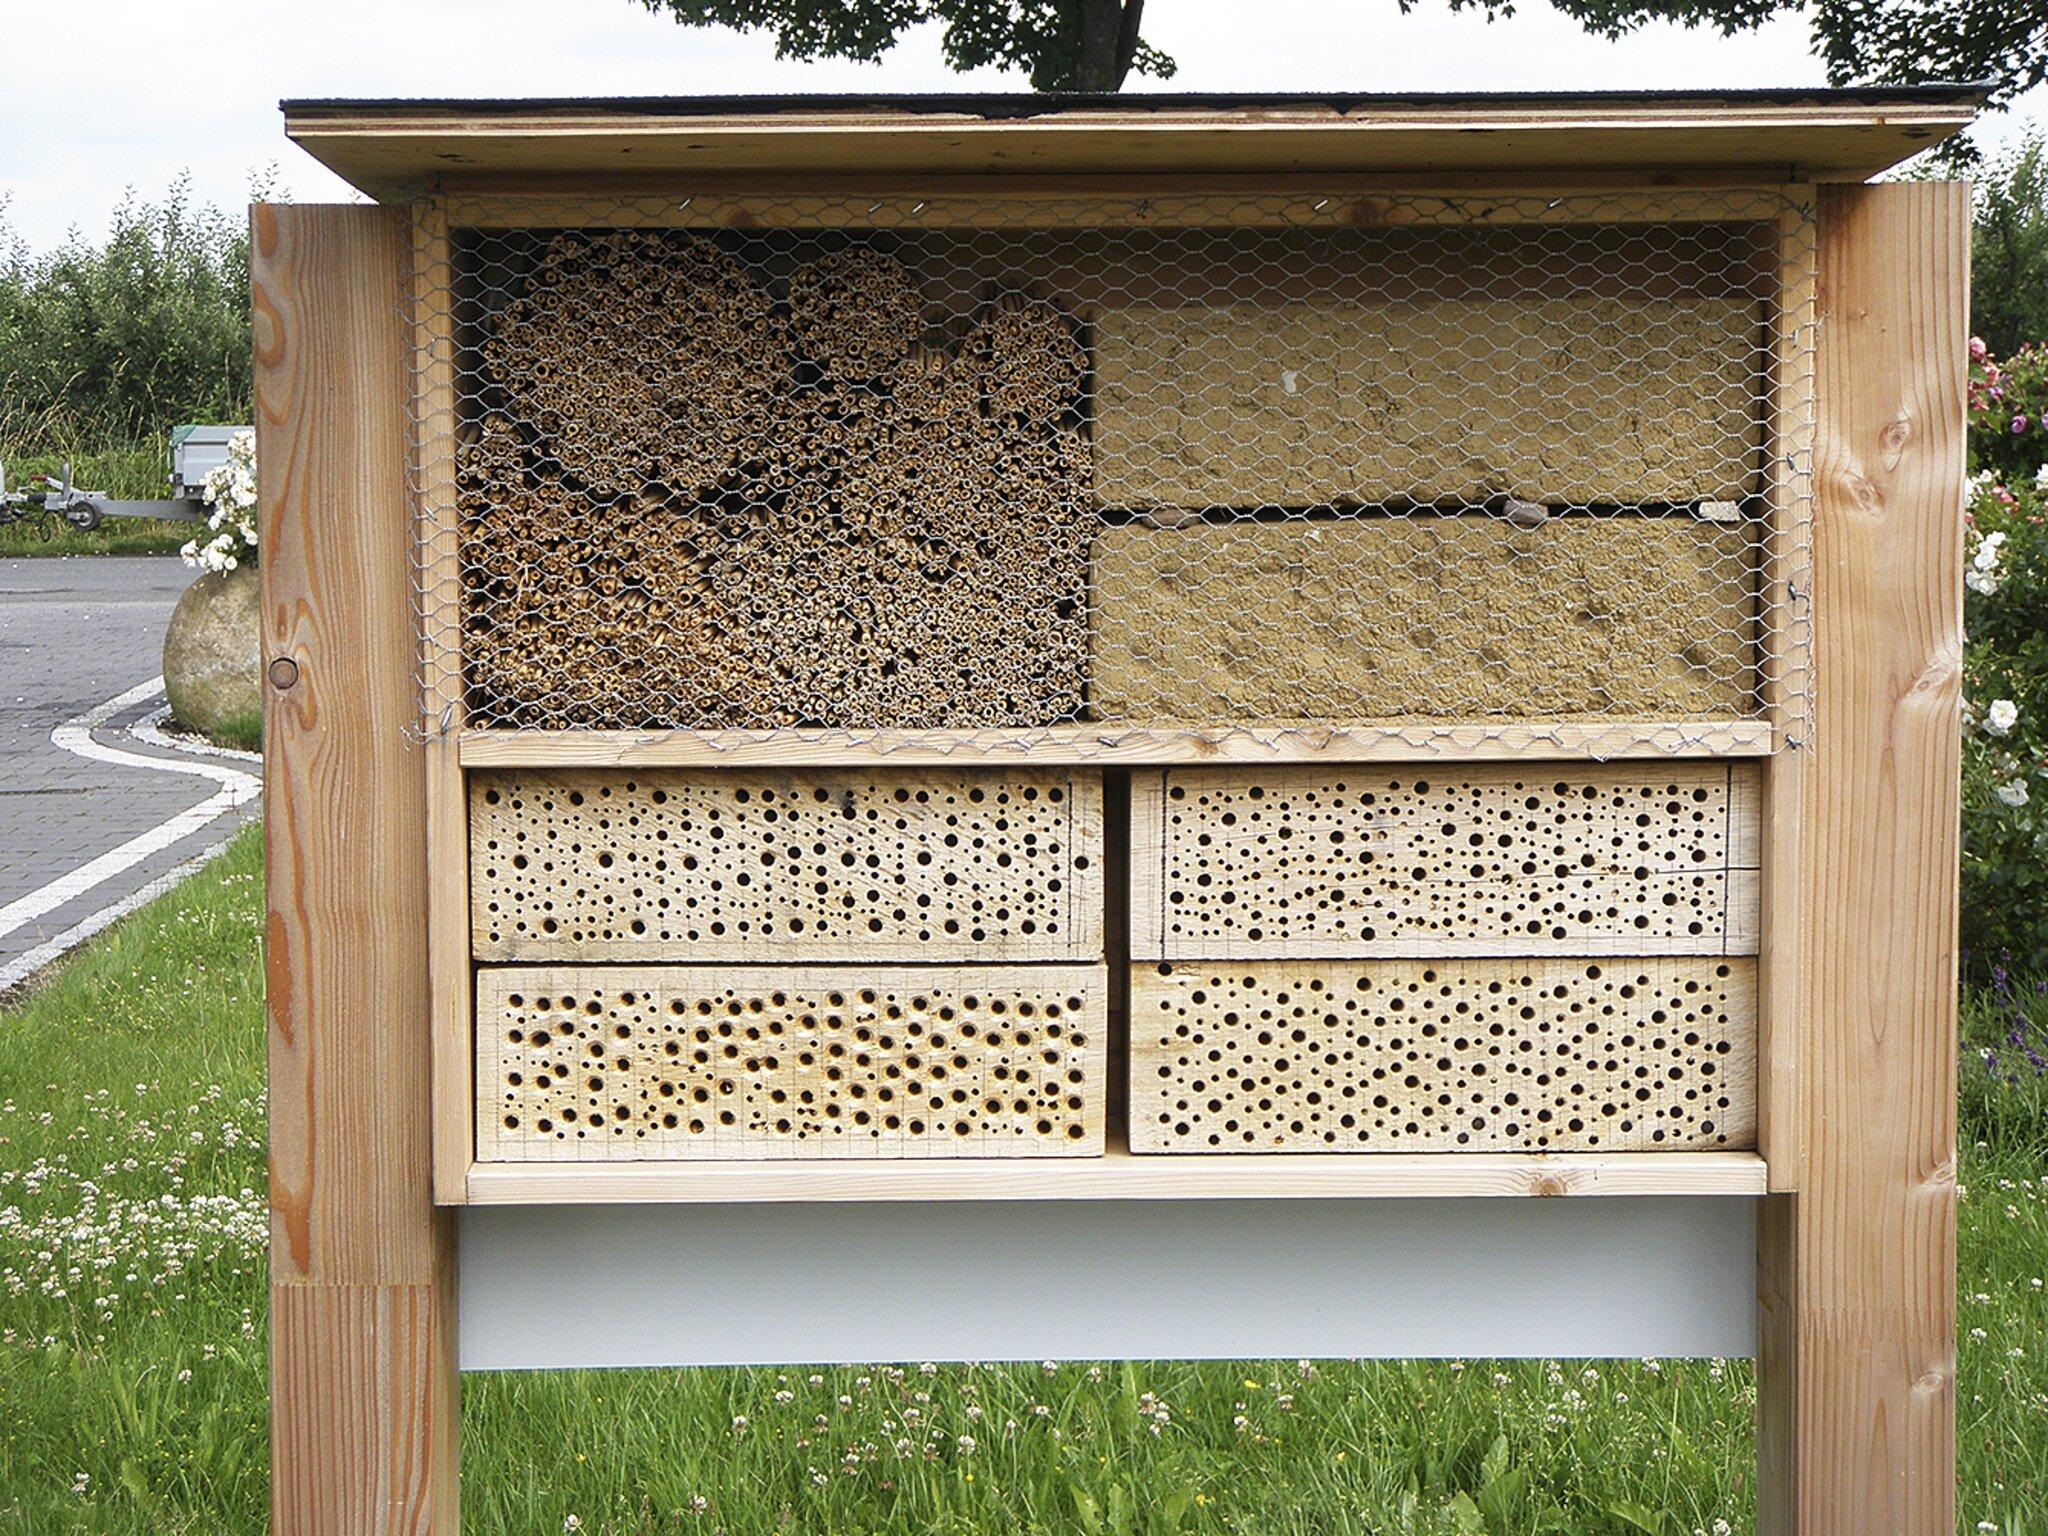 Nachhaltigkeitsserie im WOCHENBLATT                                                                  Mit einem Insektenhotel Wildbienen fördern